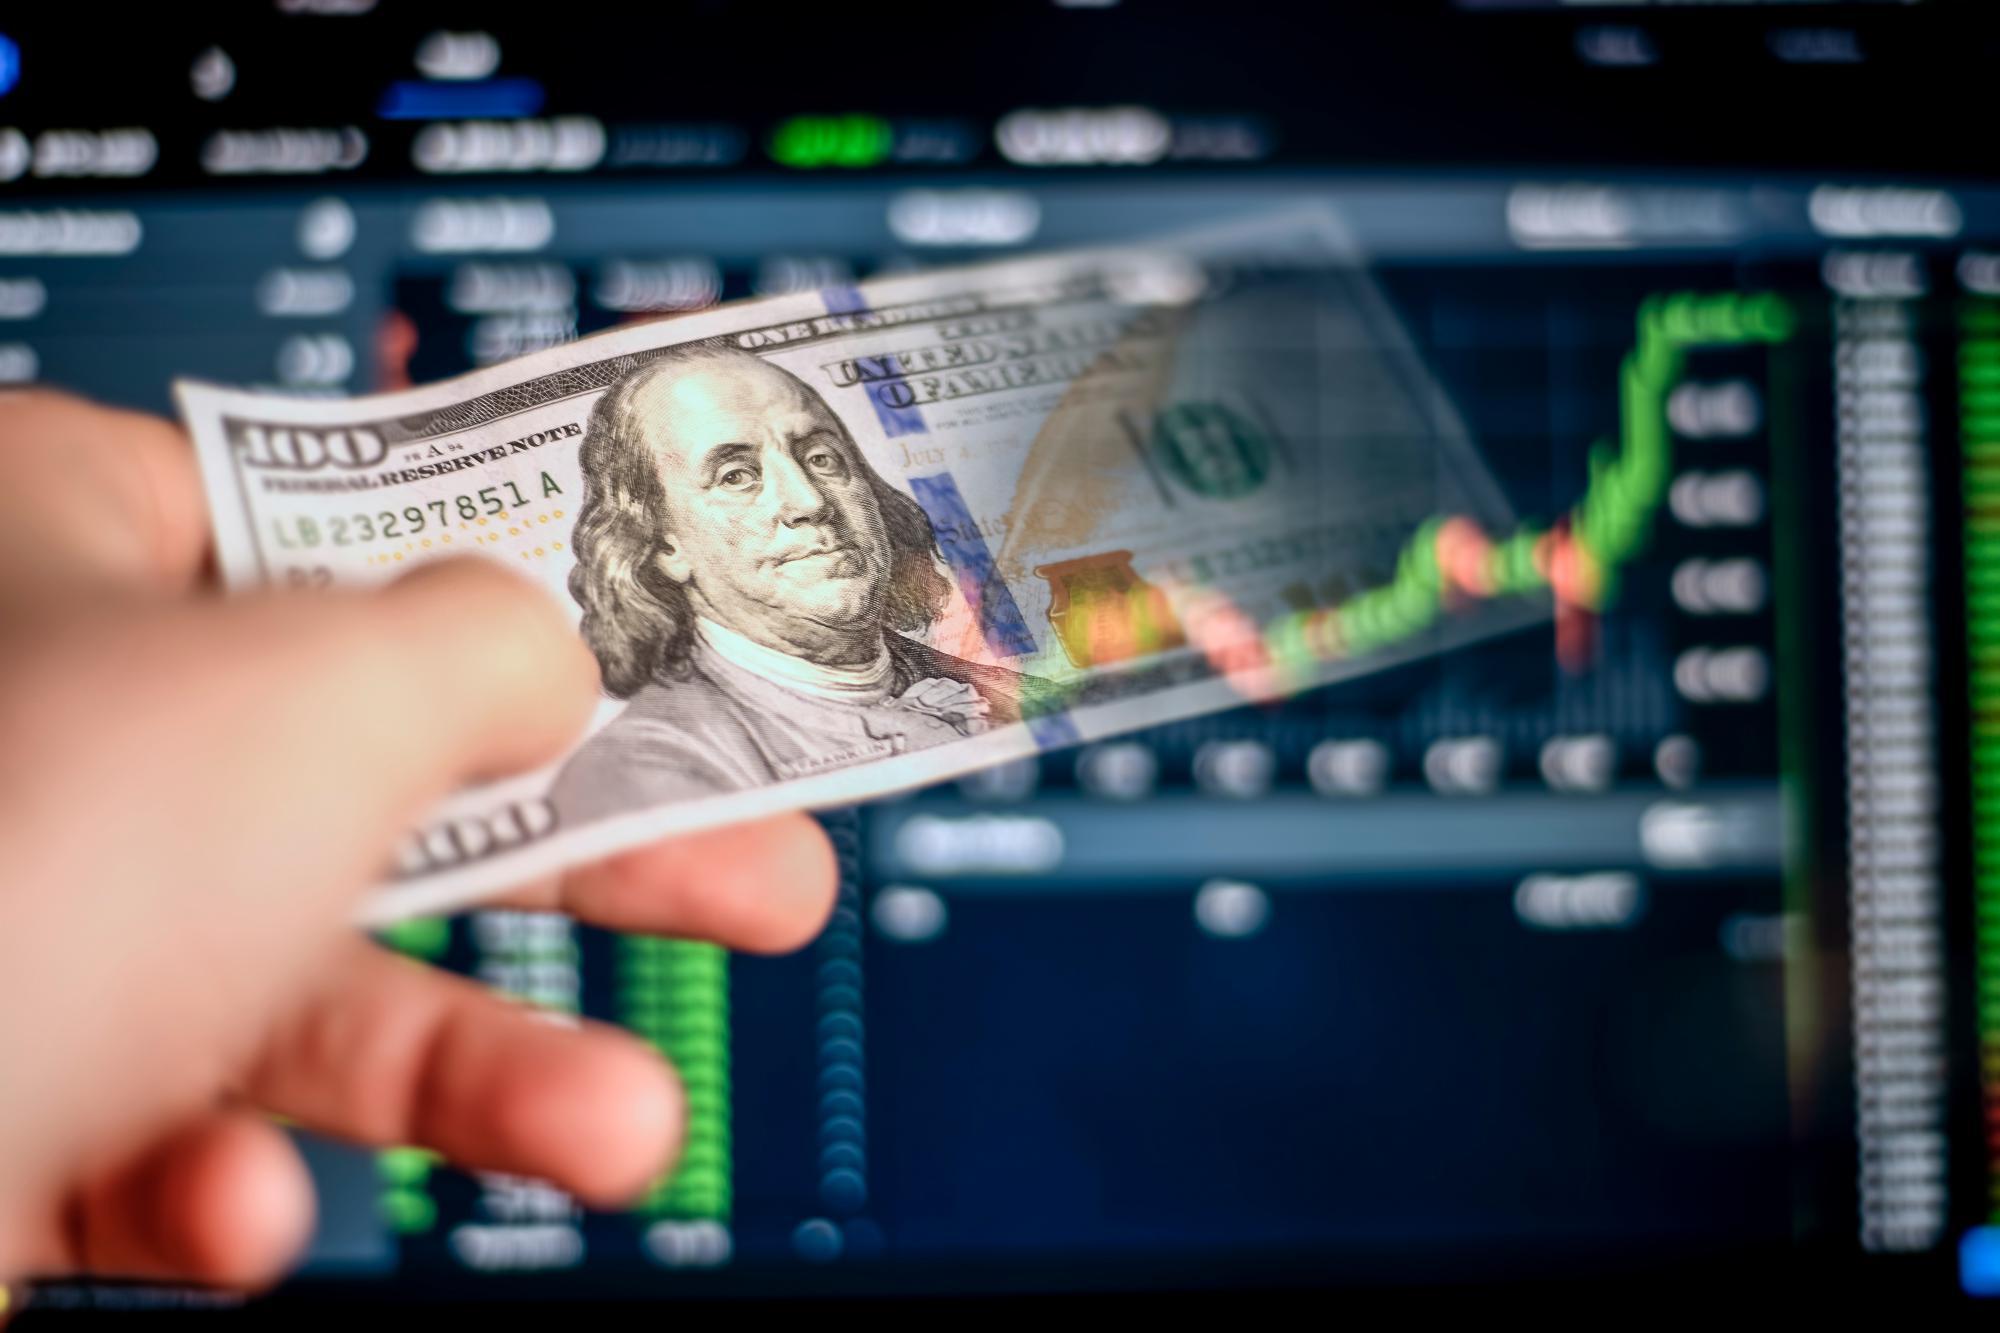 ОЭСР представила план действий по противодействию размыванию налогооблагаемой базы и перемещению прибыли